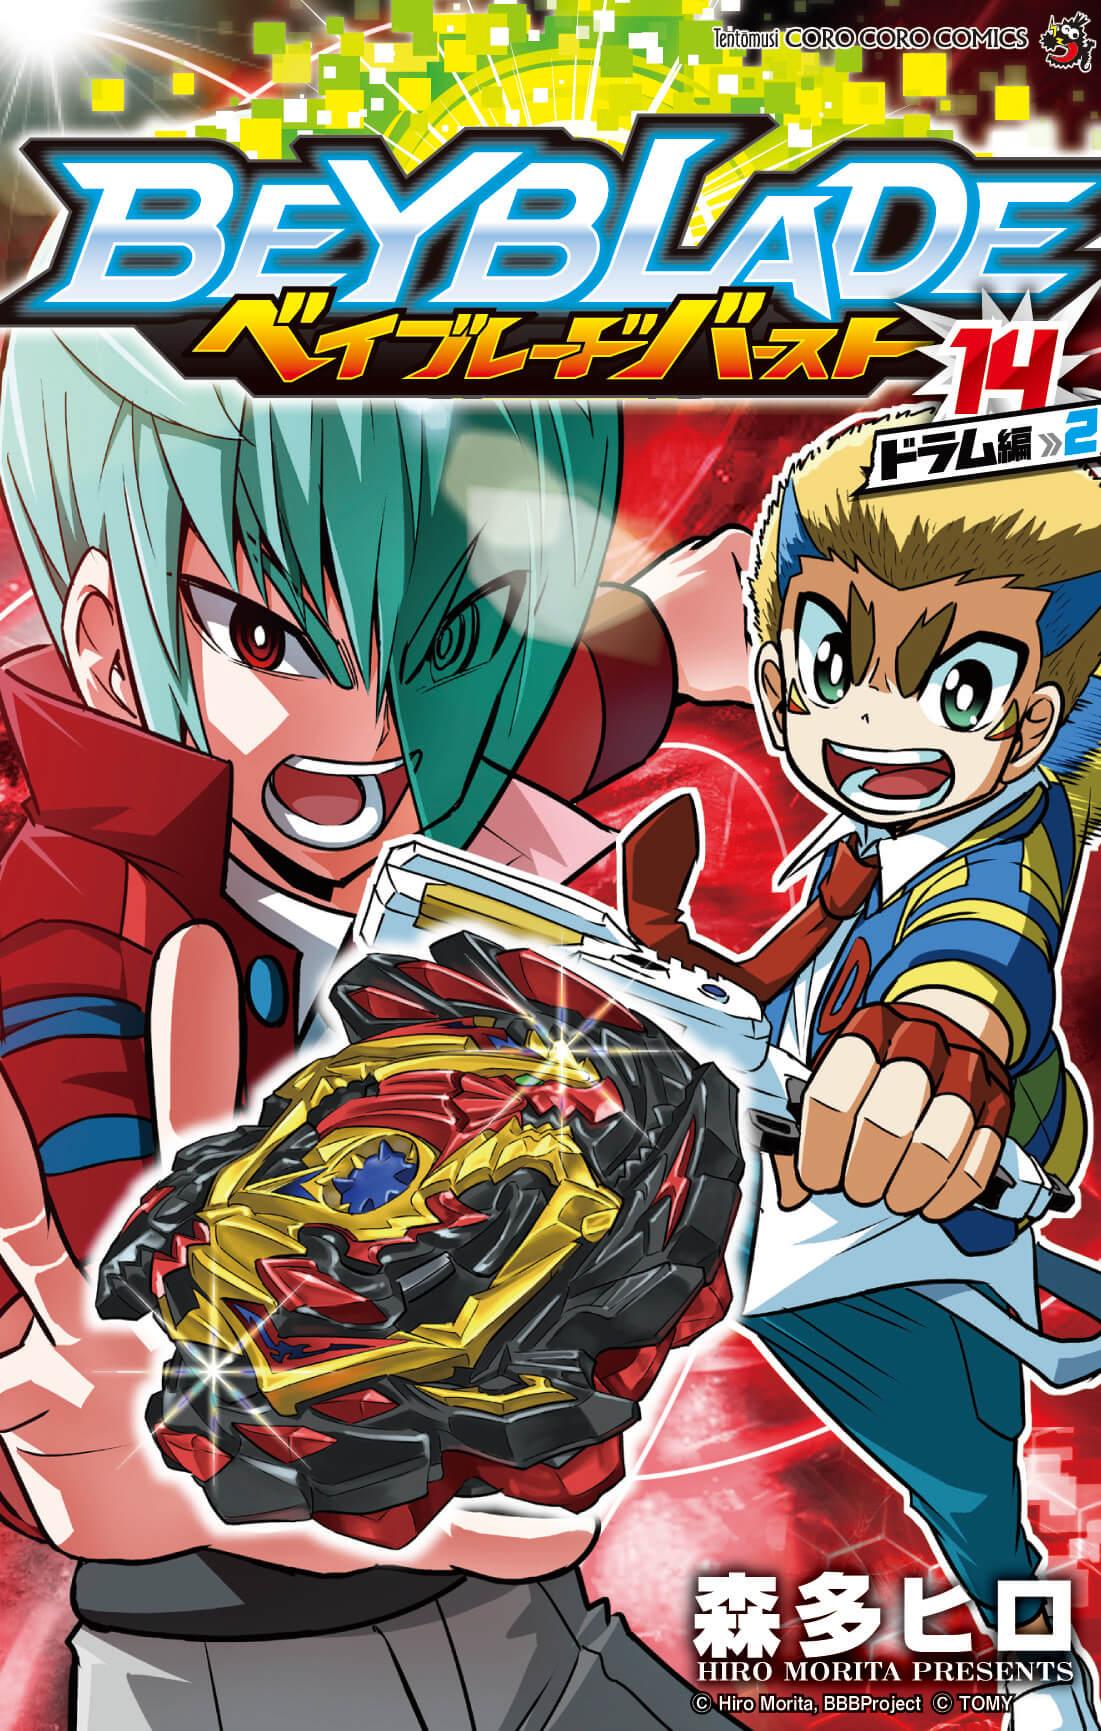 ベイブレードバースト コミックス14巻 2月28日(金)発売開始!